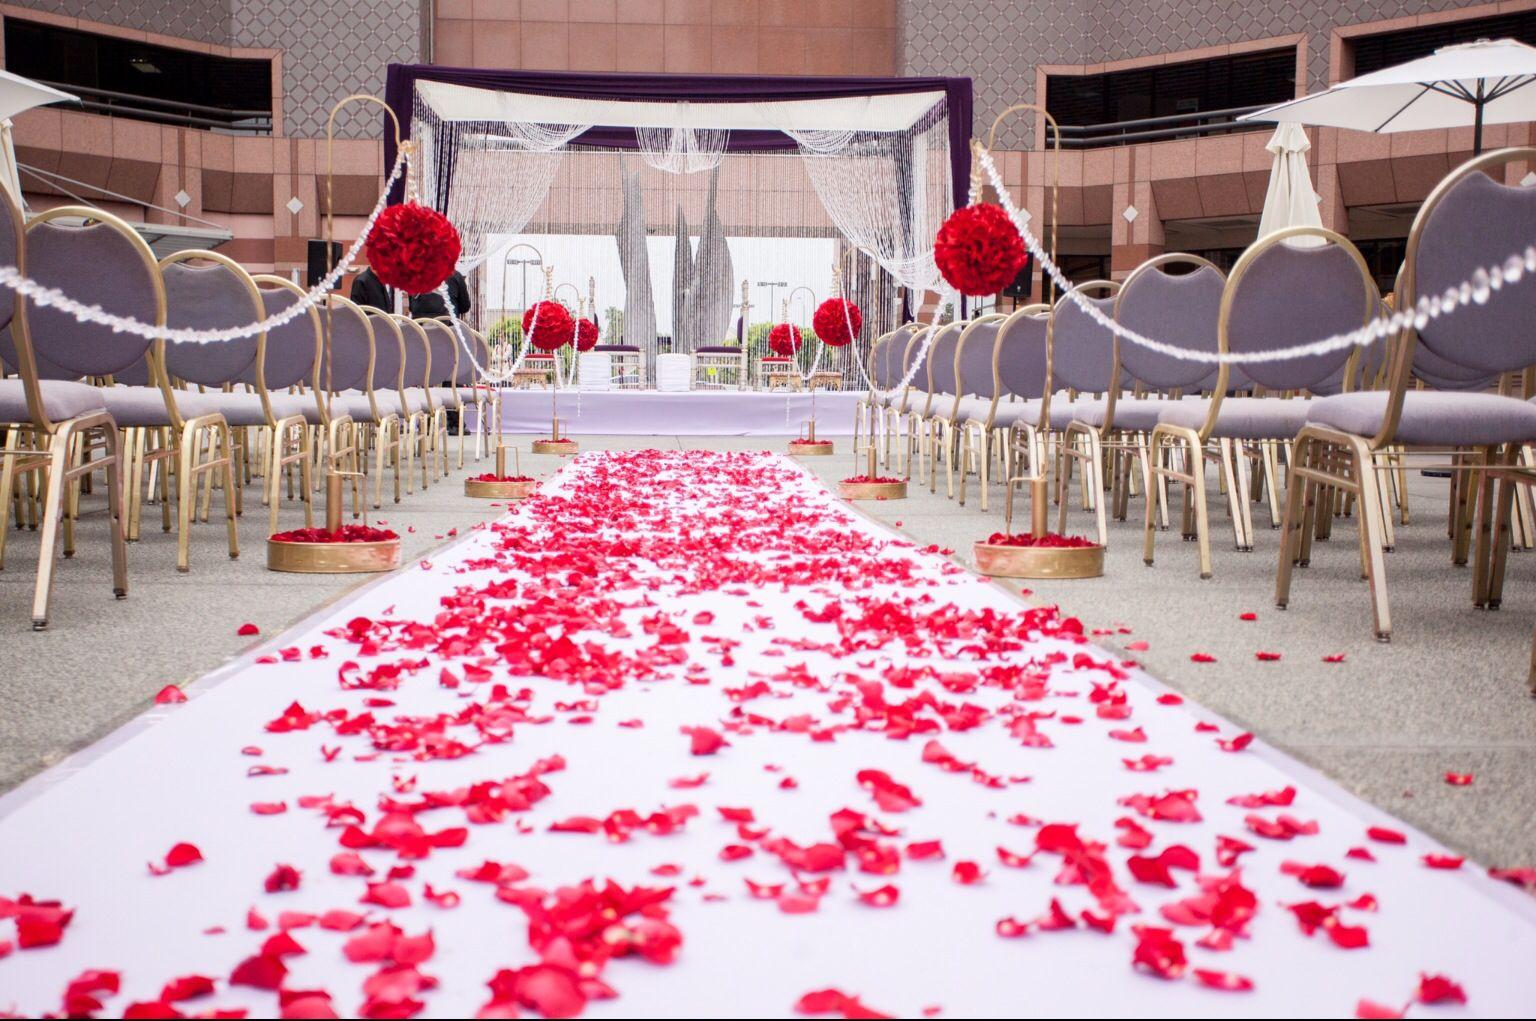 Wedding mandap decoration ideas  Crystal Mandap  Mandaps  Pinterest  Crystals